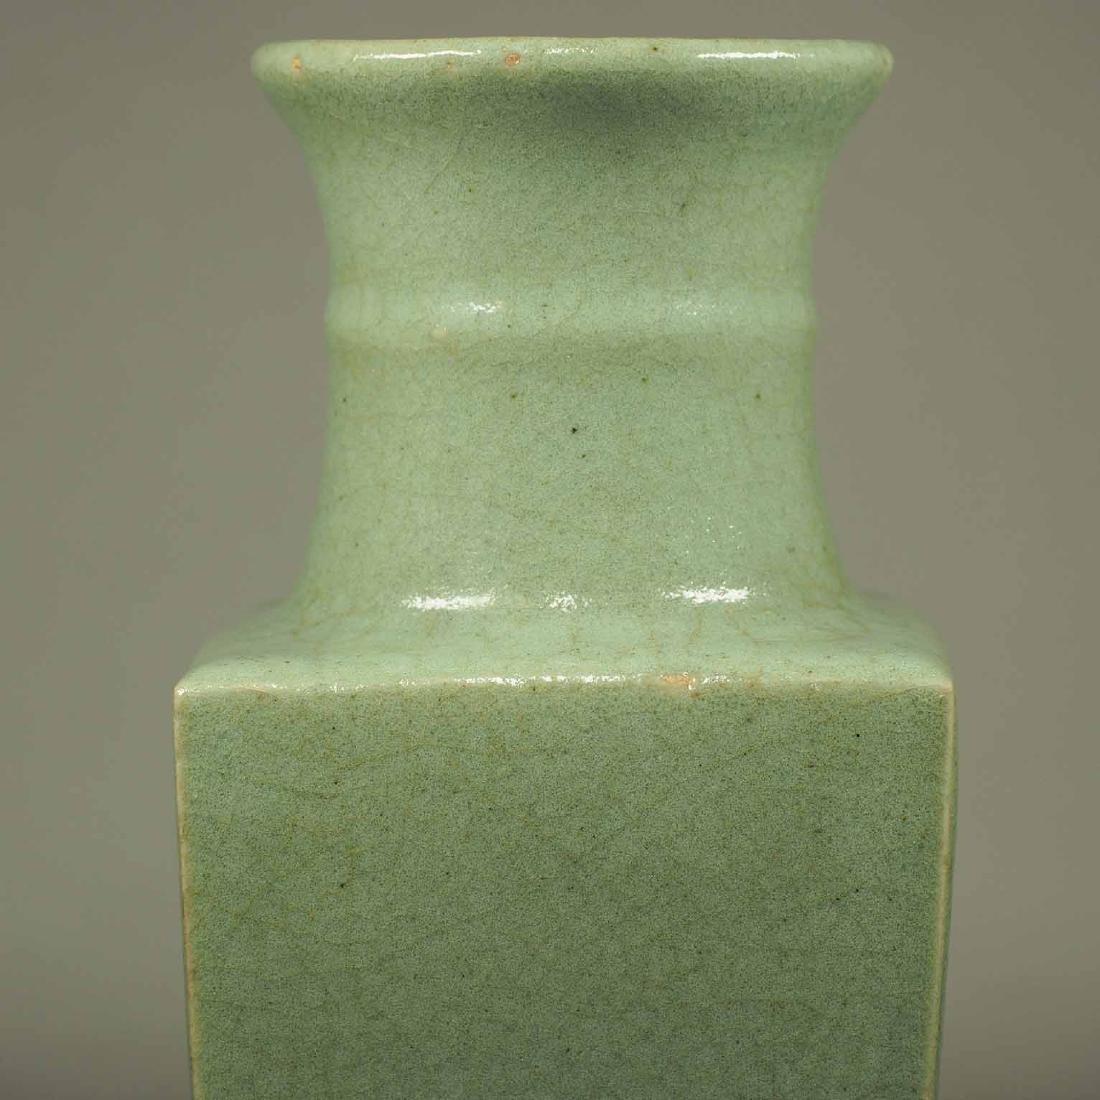 Celadon Square Crackled Vase, Ming Dynasty - 6